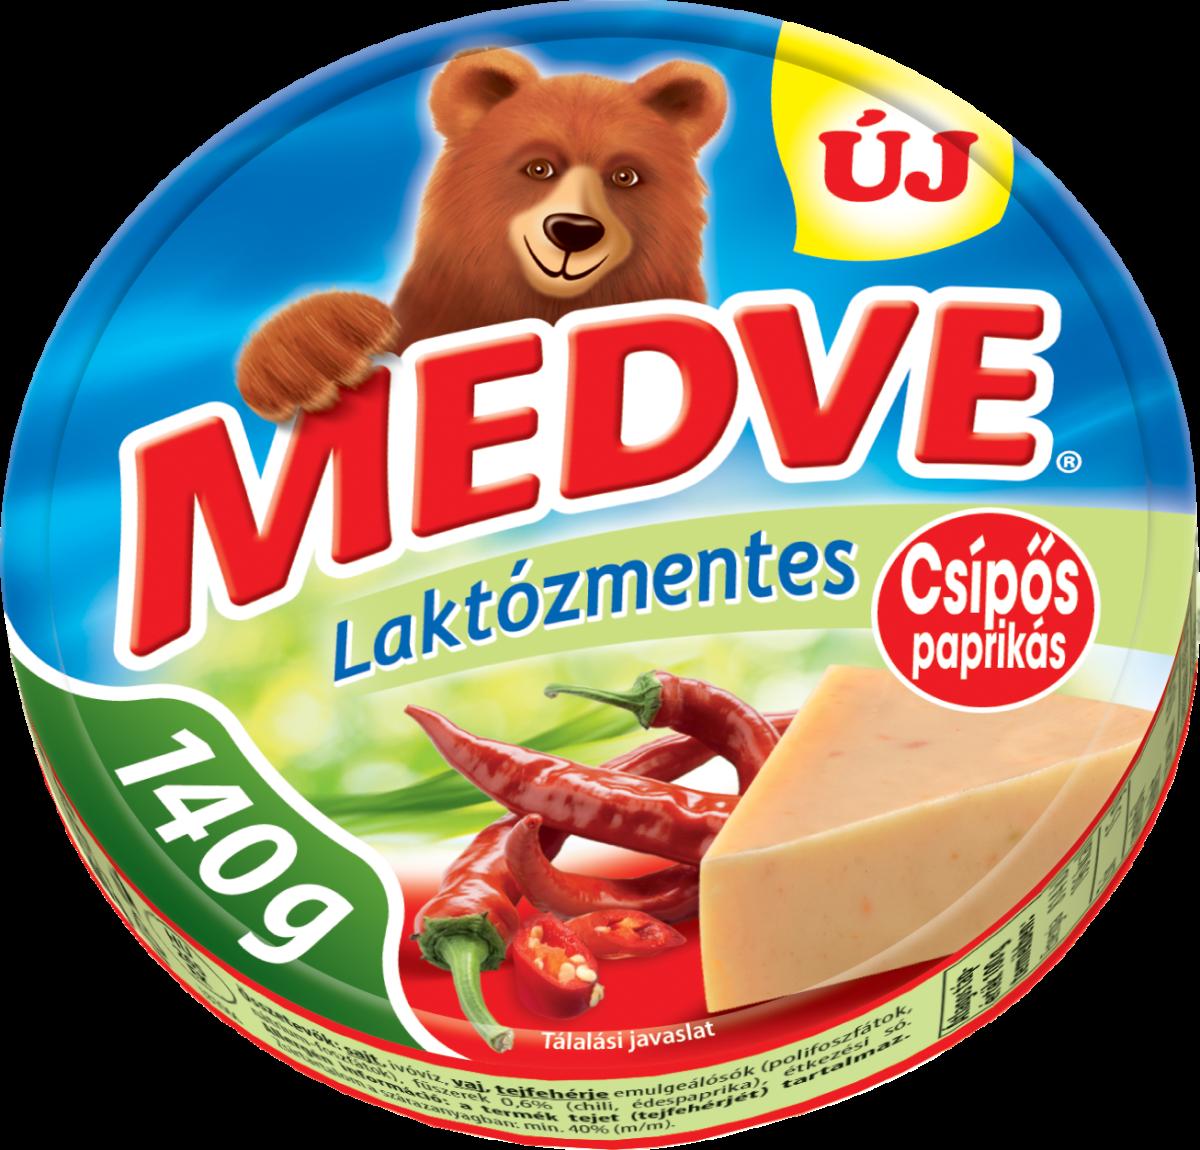 Medve laktózmentes csípős paprikás kockasajt